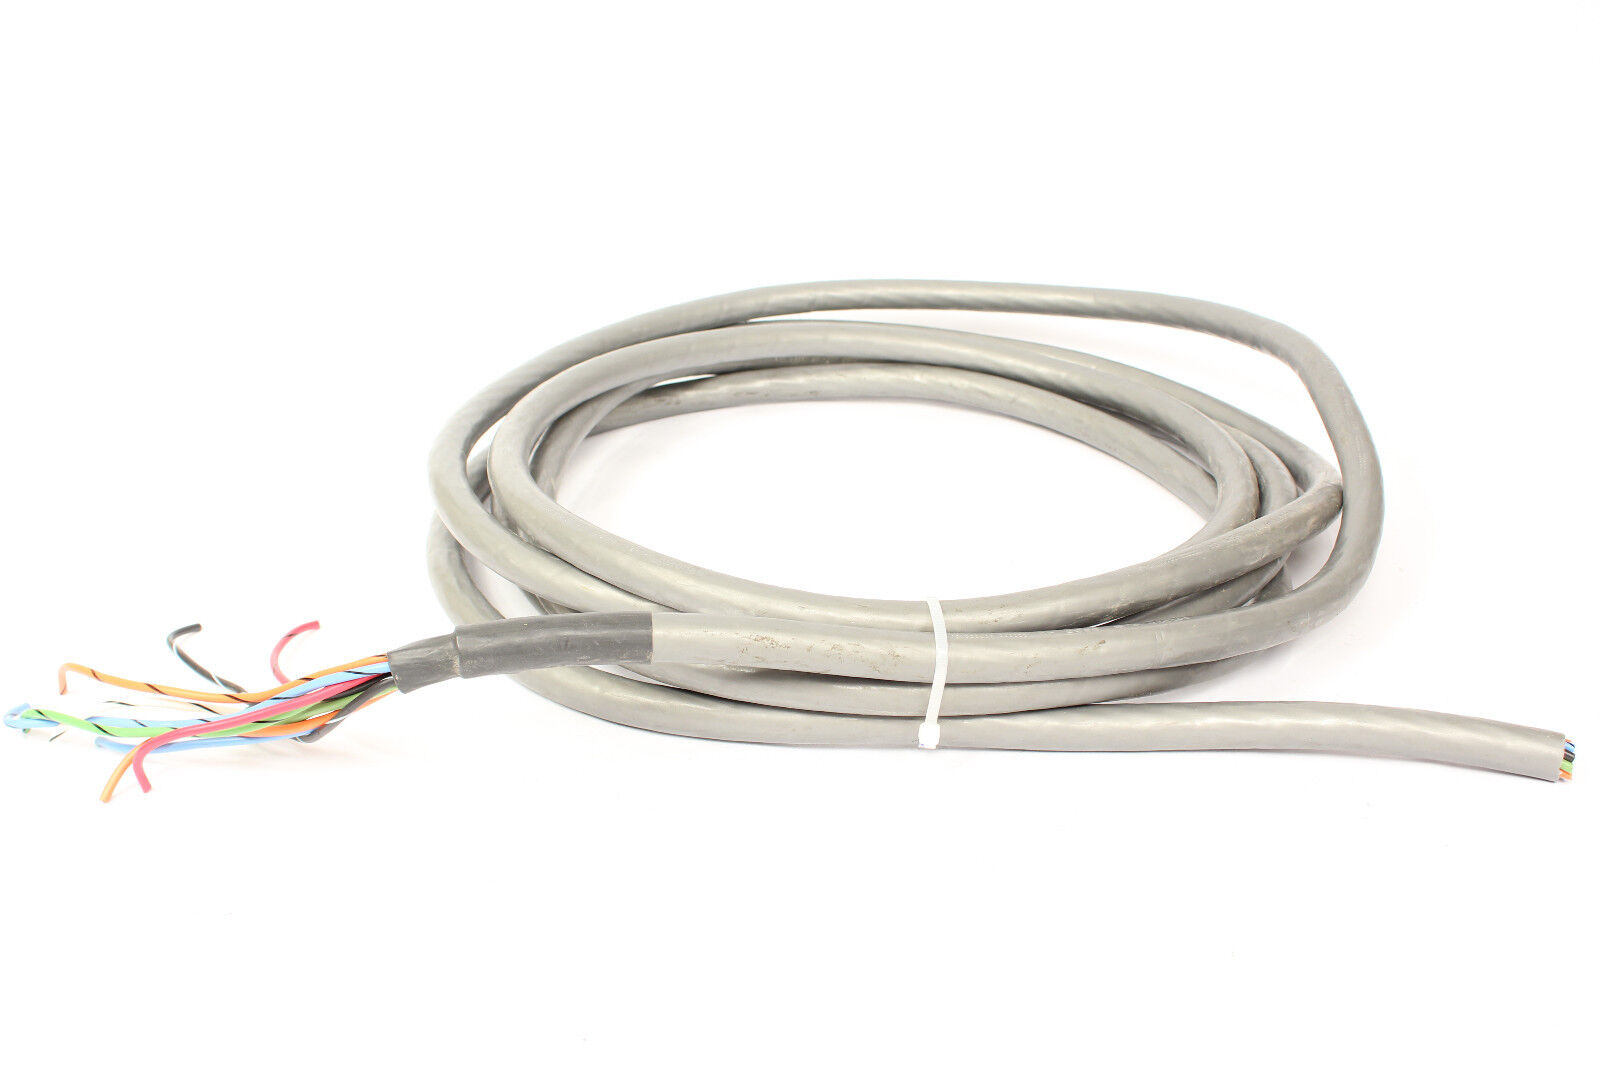 Belden 8629 12 conductores Serpiente Cable a granel Desnudo inconcluso inconcluso inconcluso 24' 3d39b8